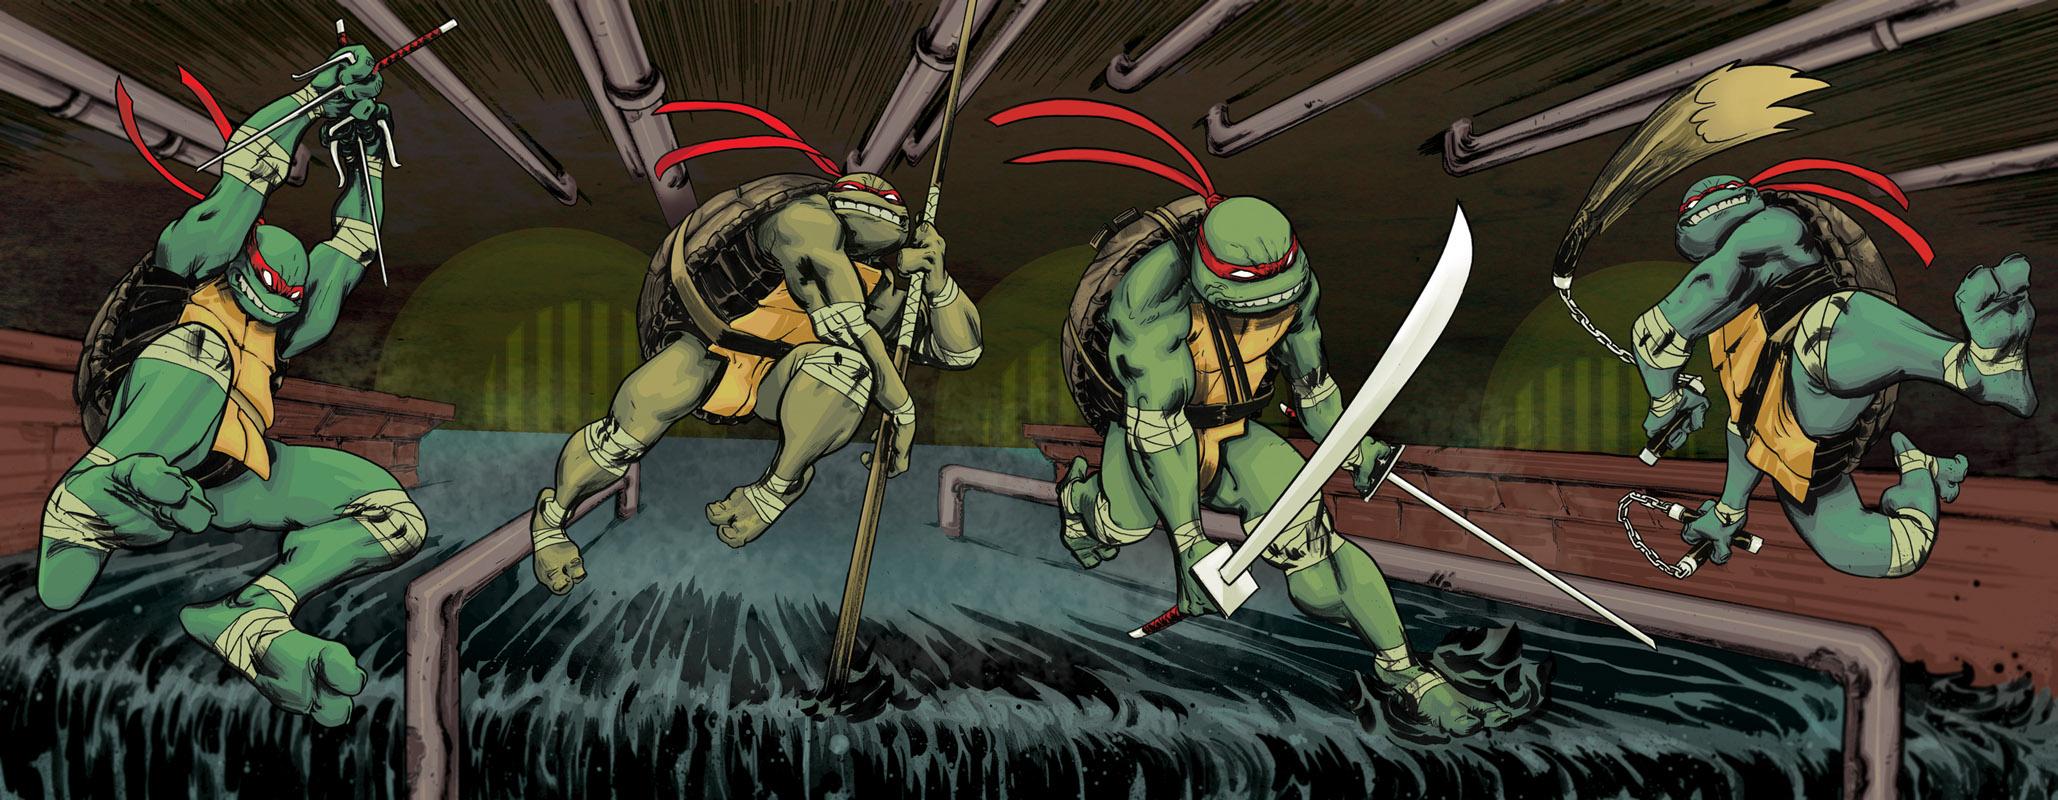 [Teenage Mutant Ninja Turtles connected cover art]